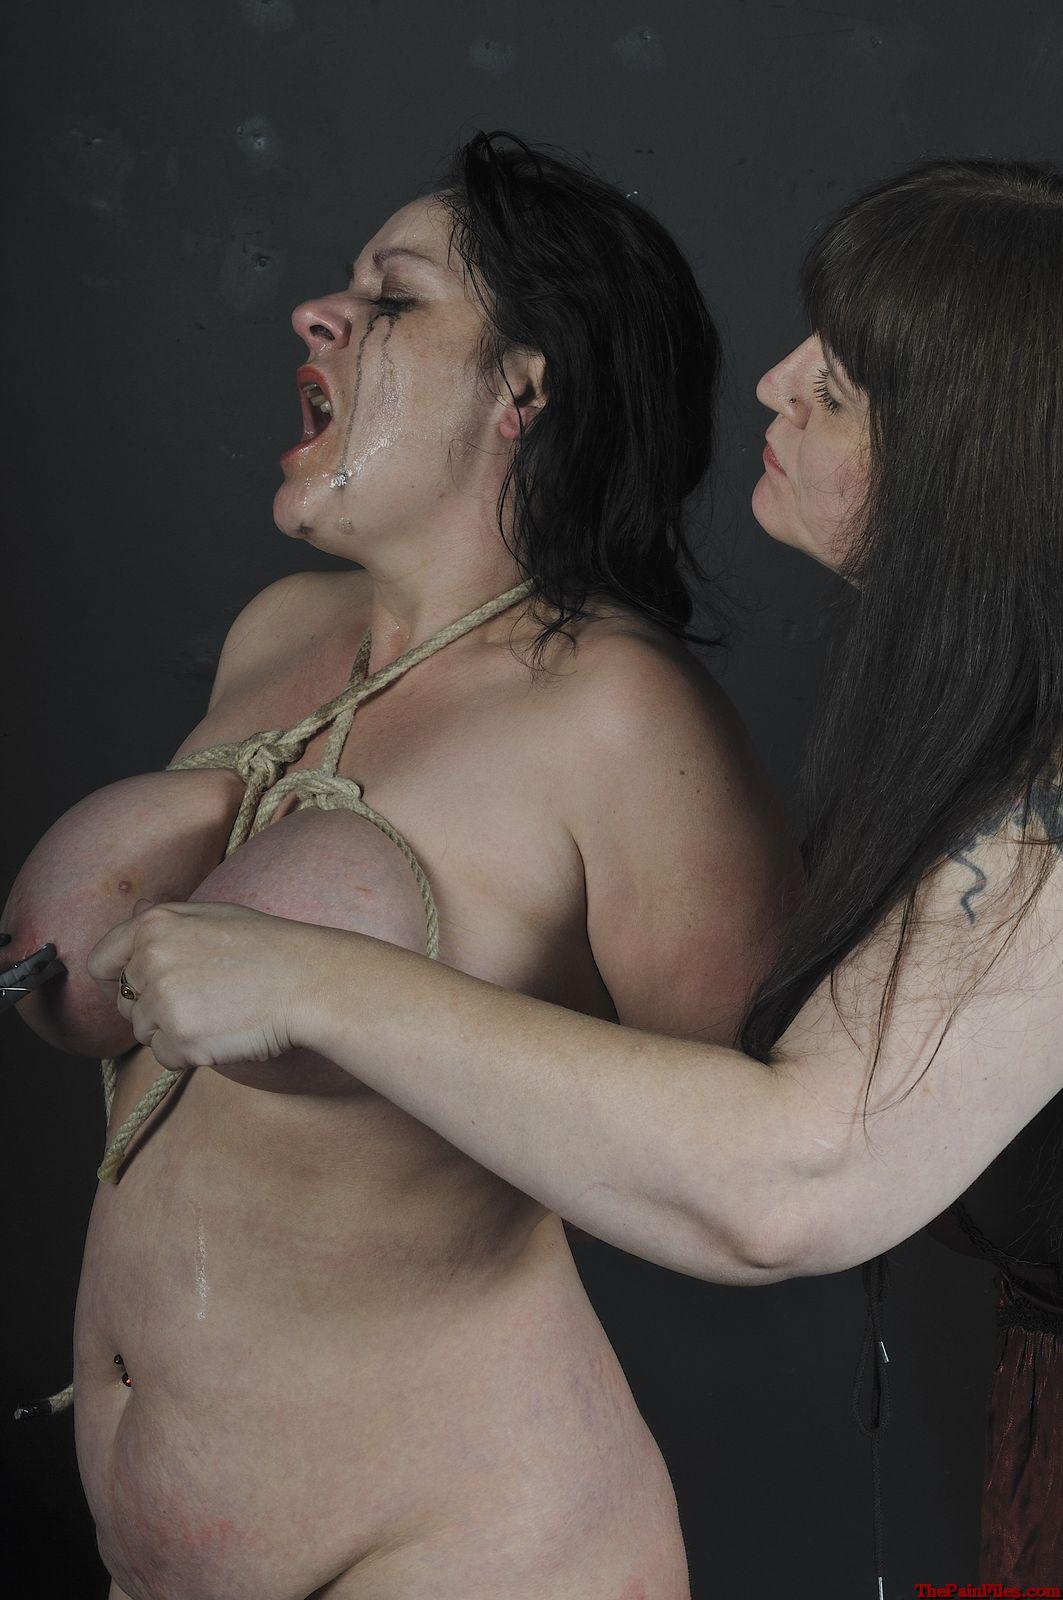 Самый жесткий секс и порно 17 фотография